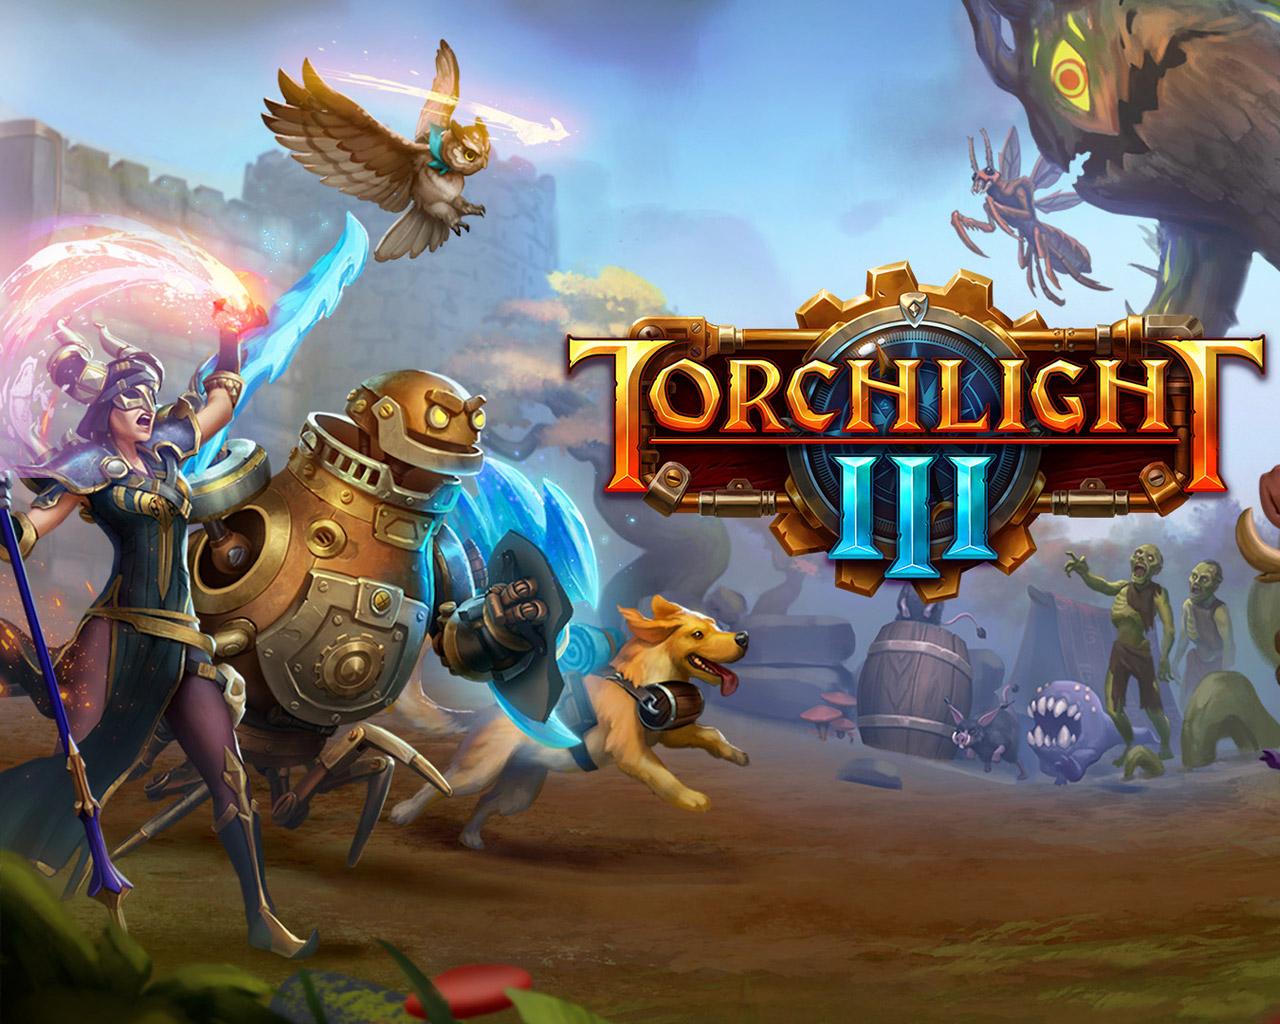 Free Torchlight III Wallpaper in 1280x1024